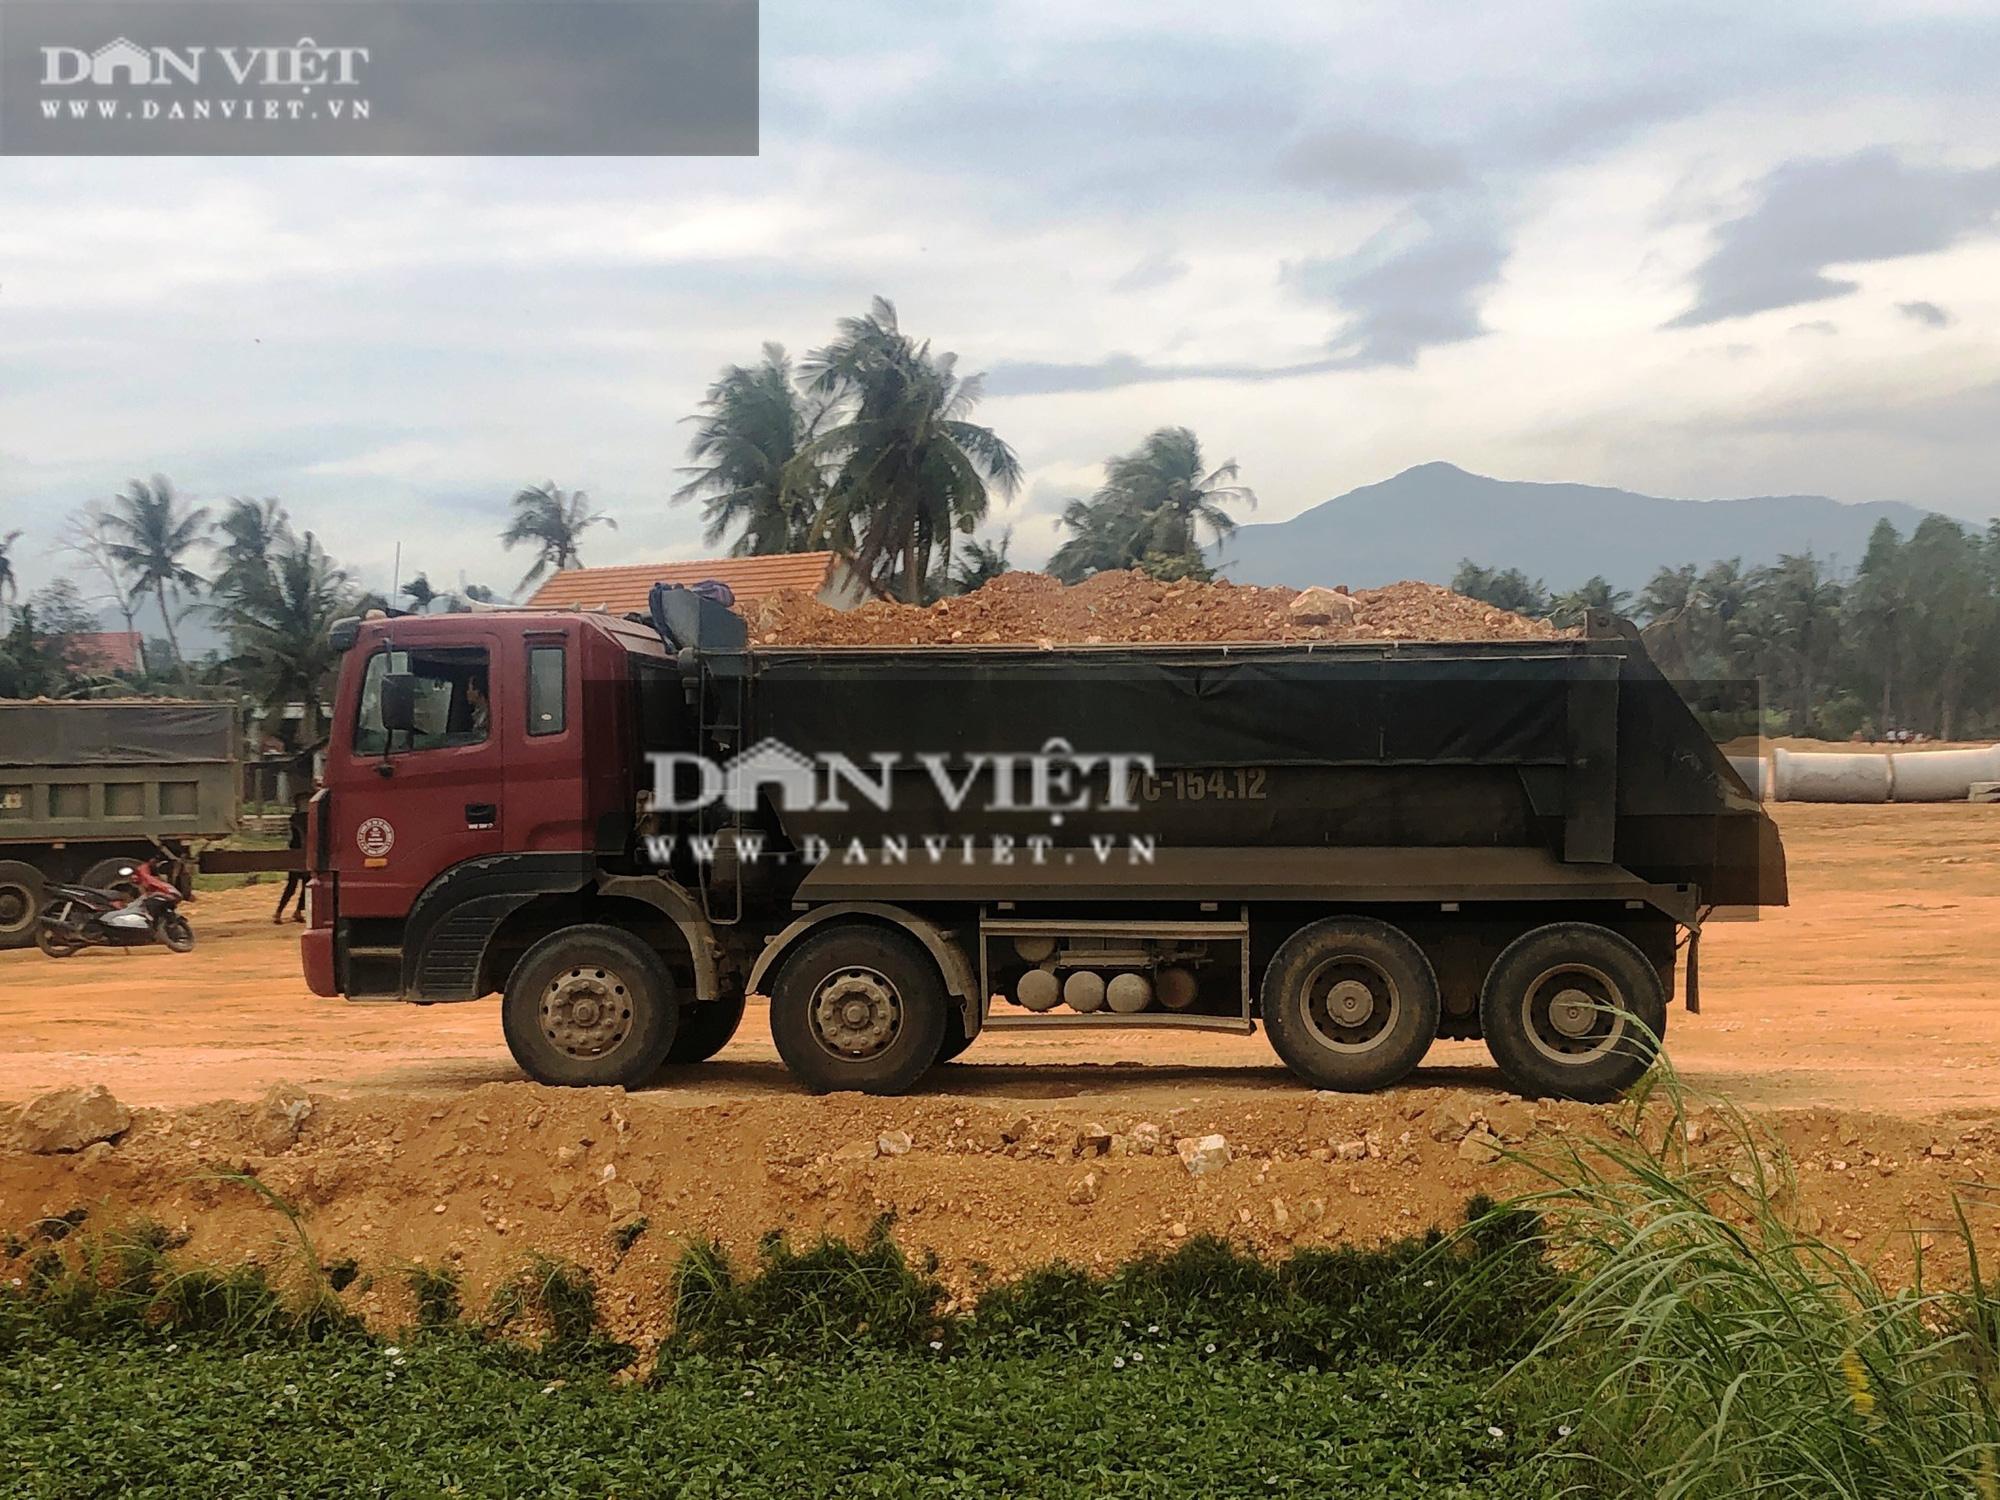 """Dùng """"đất lậu"""" thi công gói thầu Nhà nước hơn 12 tỷ đồng ở Bình Định: Phạt tiền, truy trách nhiệm cán bộ - Ảnh 2."""